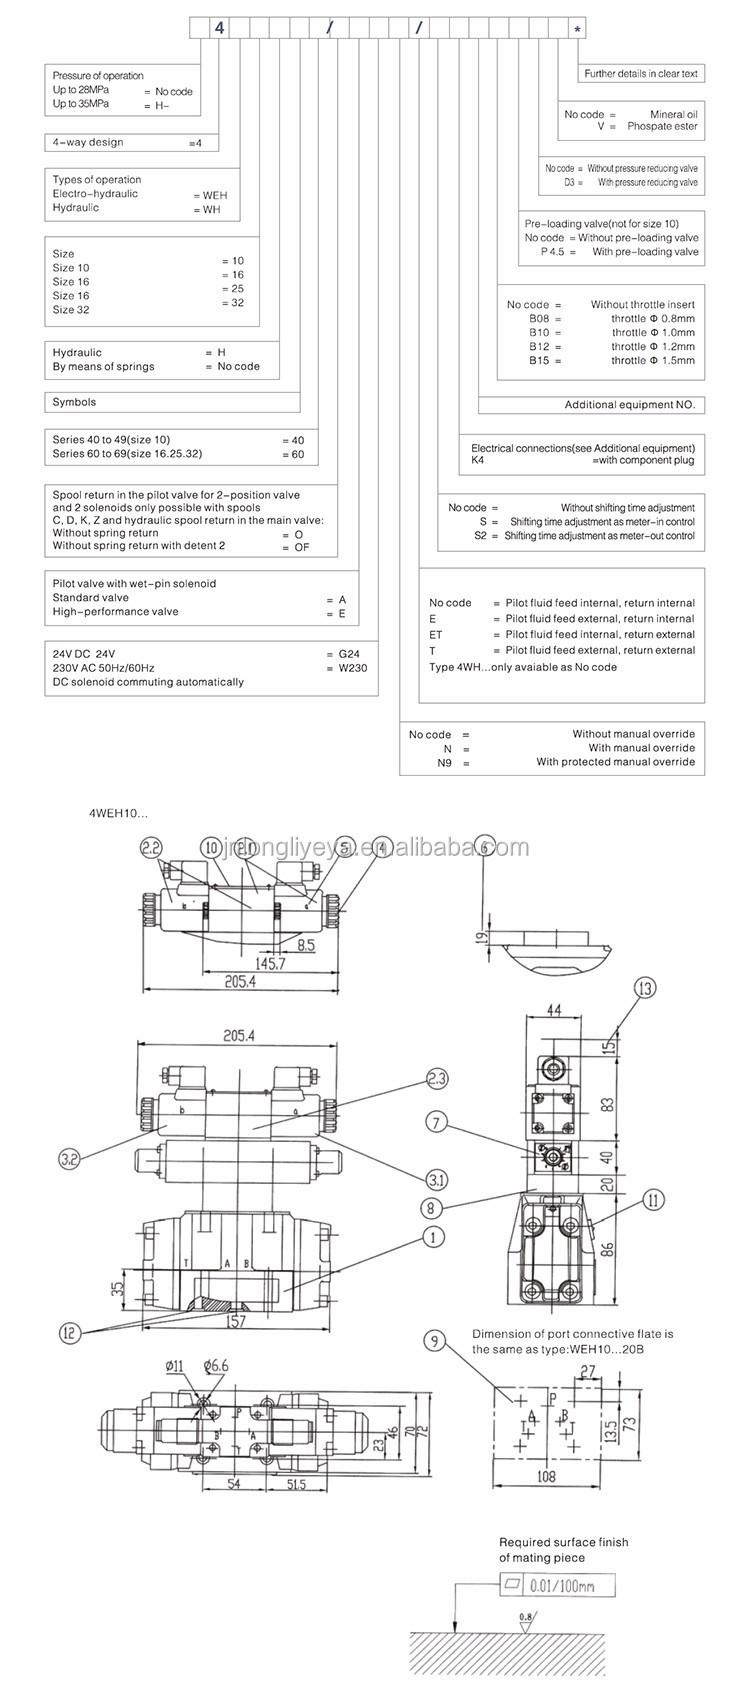 4weh10 Hydraulic Rexroth Type Directional Electrical Control ... on hydraulic schematic, hydraulic motor installation diagram, hydraulic engine, hydraulic component identification, hydraulic clutch diagram, lowrider hydraulics diagram, hydraulic shocks diagram, hydraulic system diagram, hydraulic steering diagram, hydraulic plumbing diagram, hydraulic troubleshooting guide, hydraulic pumps diagram, hydraulic pipes diagram, hydraulic flow diagram, hydraulic compressor, hydraulic piping diagram, hydraulic block diagram, hydraulic filter diagram, hydraulic solenoid diagram, hydraulic pump wiring,